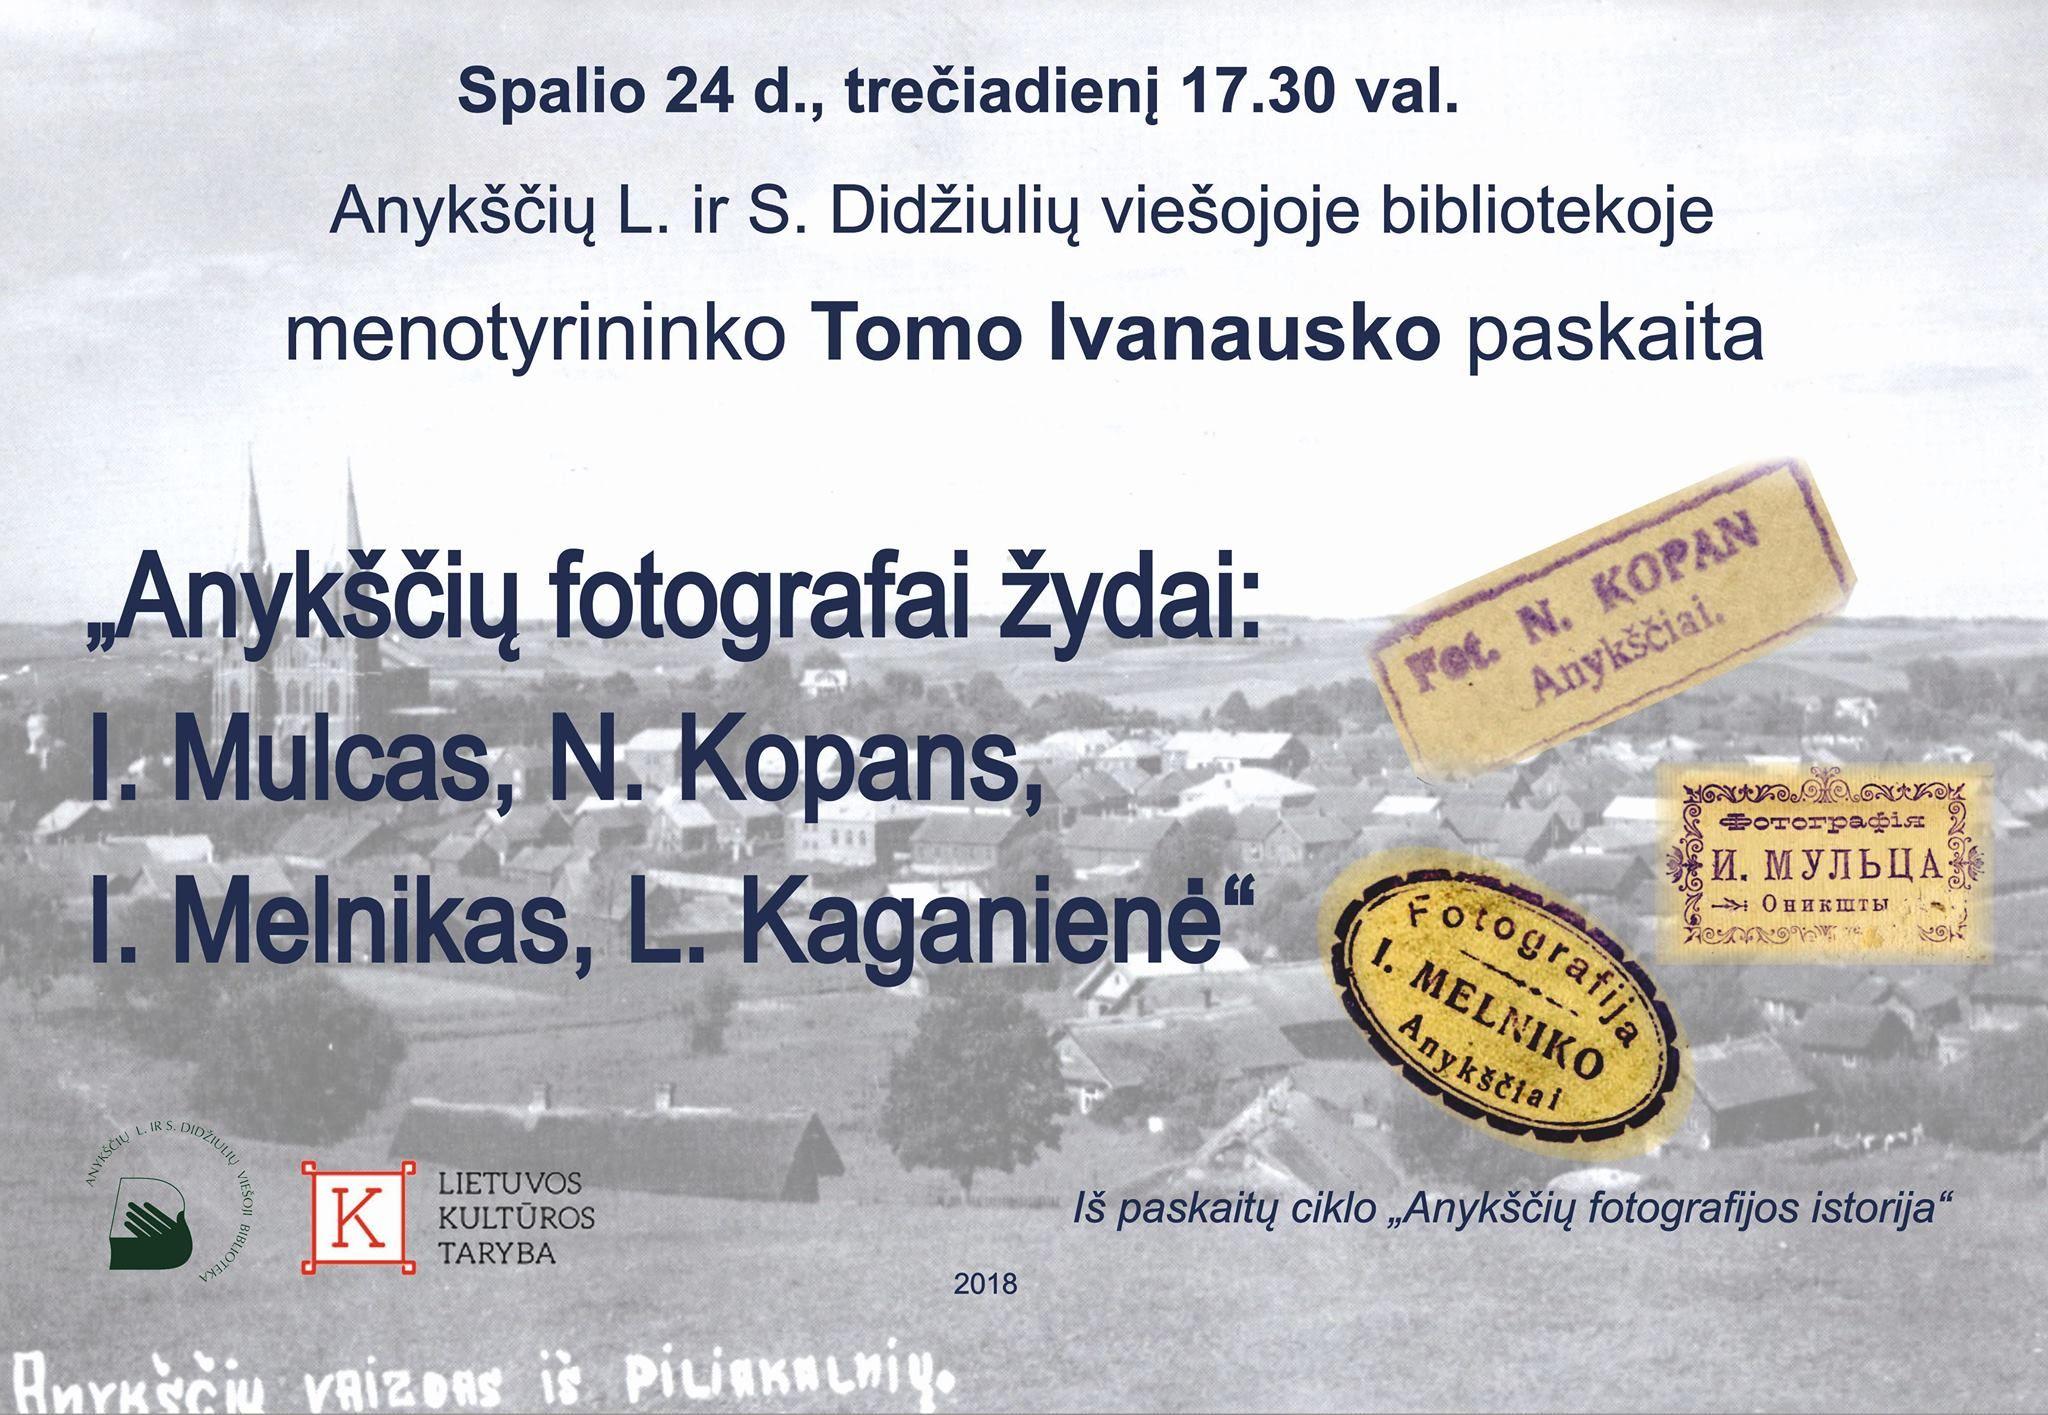 """Menotyrininko Tomo Ivanausko paskaita """"Anykščių fotografai žydai: I. Mulcas, N. Kopans, Icikas Melnikas, Liba Kaganienė"""""""